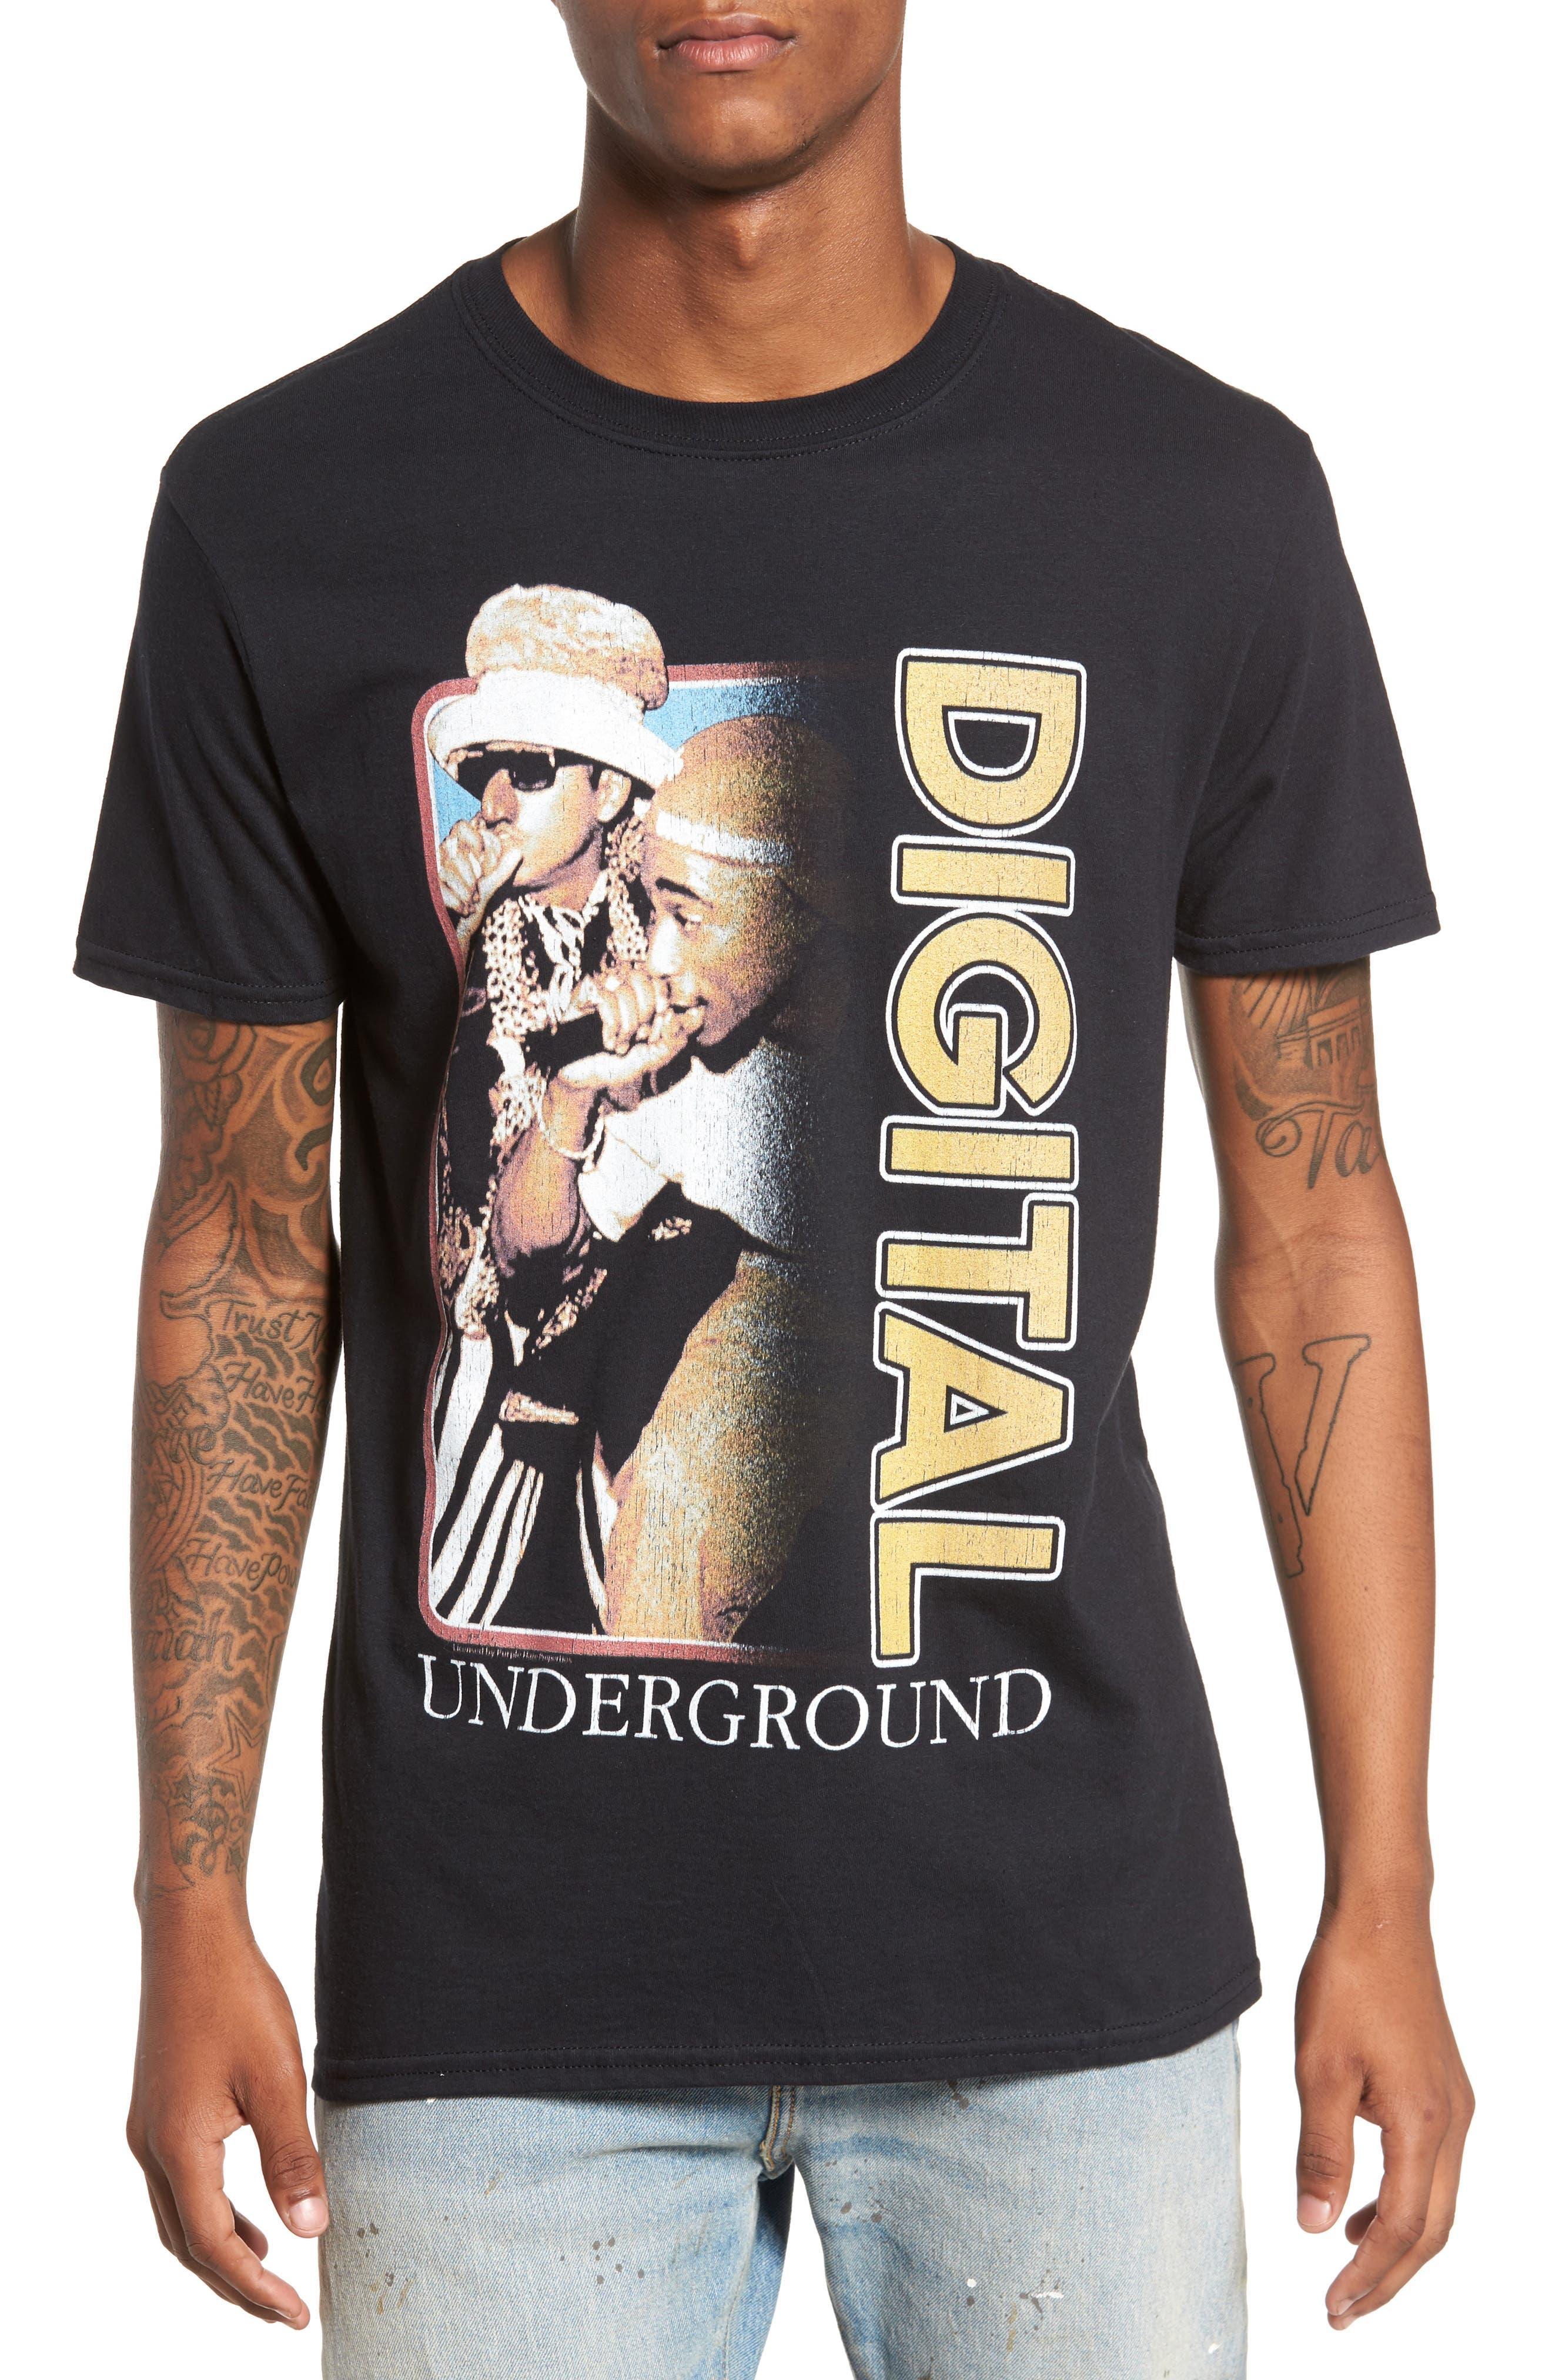 Digital Underground T-Shirt,                         Main,                         color, Black Digital Underground